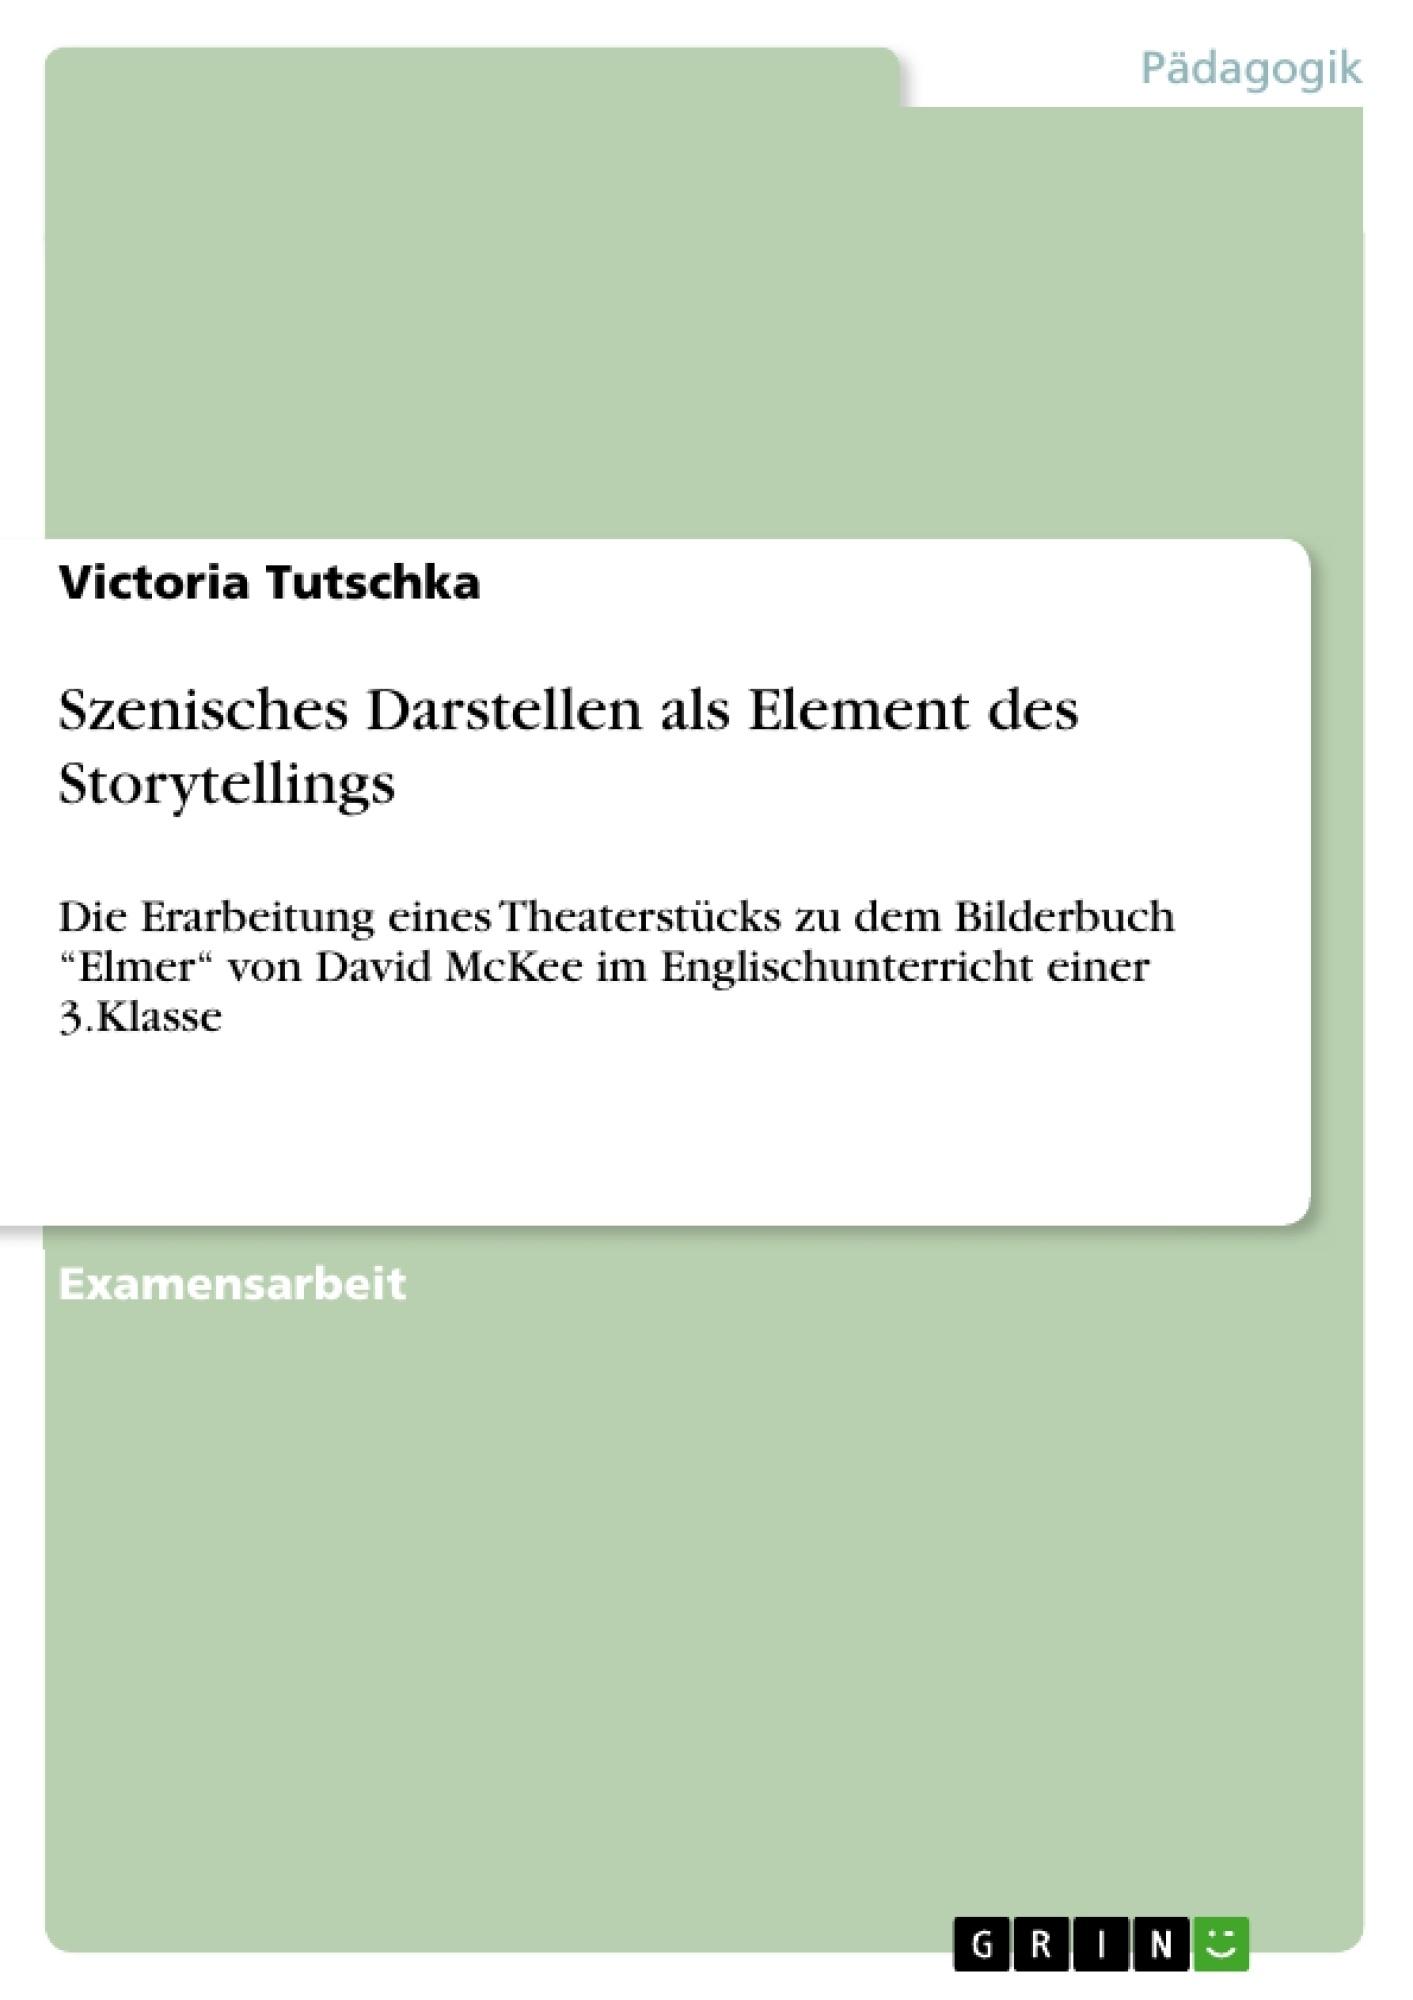 Titel: Szenisches Darstellen als Element des Storytellings